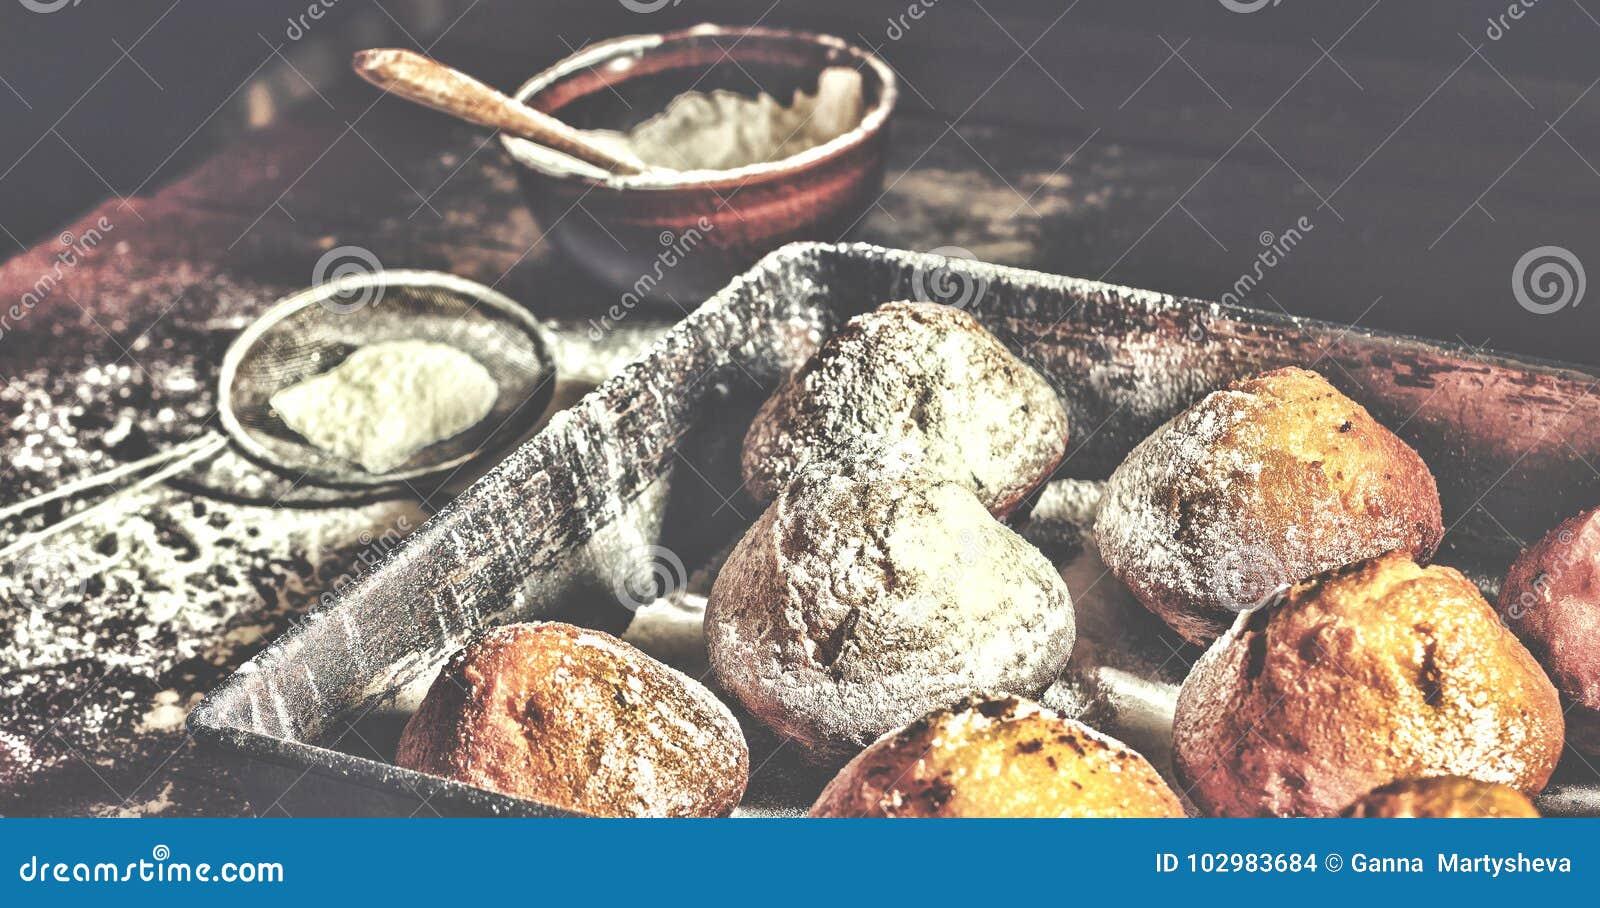 αρτοποιείο φρέσκο Το Cupcakes, muffins, αρτοποιοί παίρνει τα χέρια τους στις ζύμες αρτοποιείο